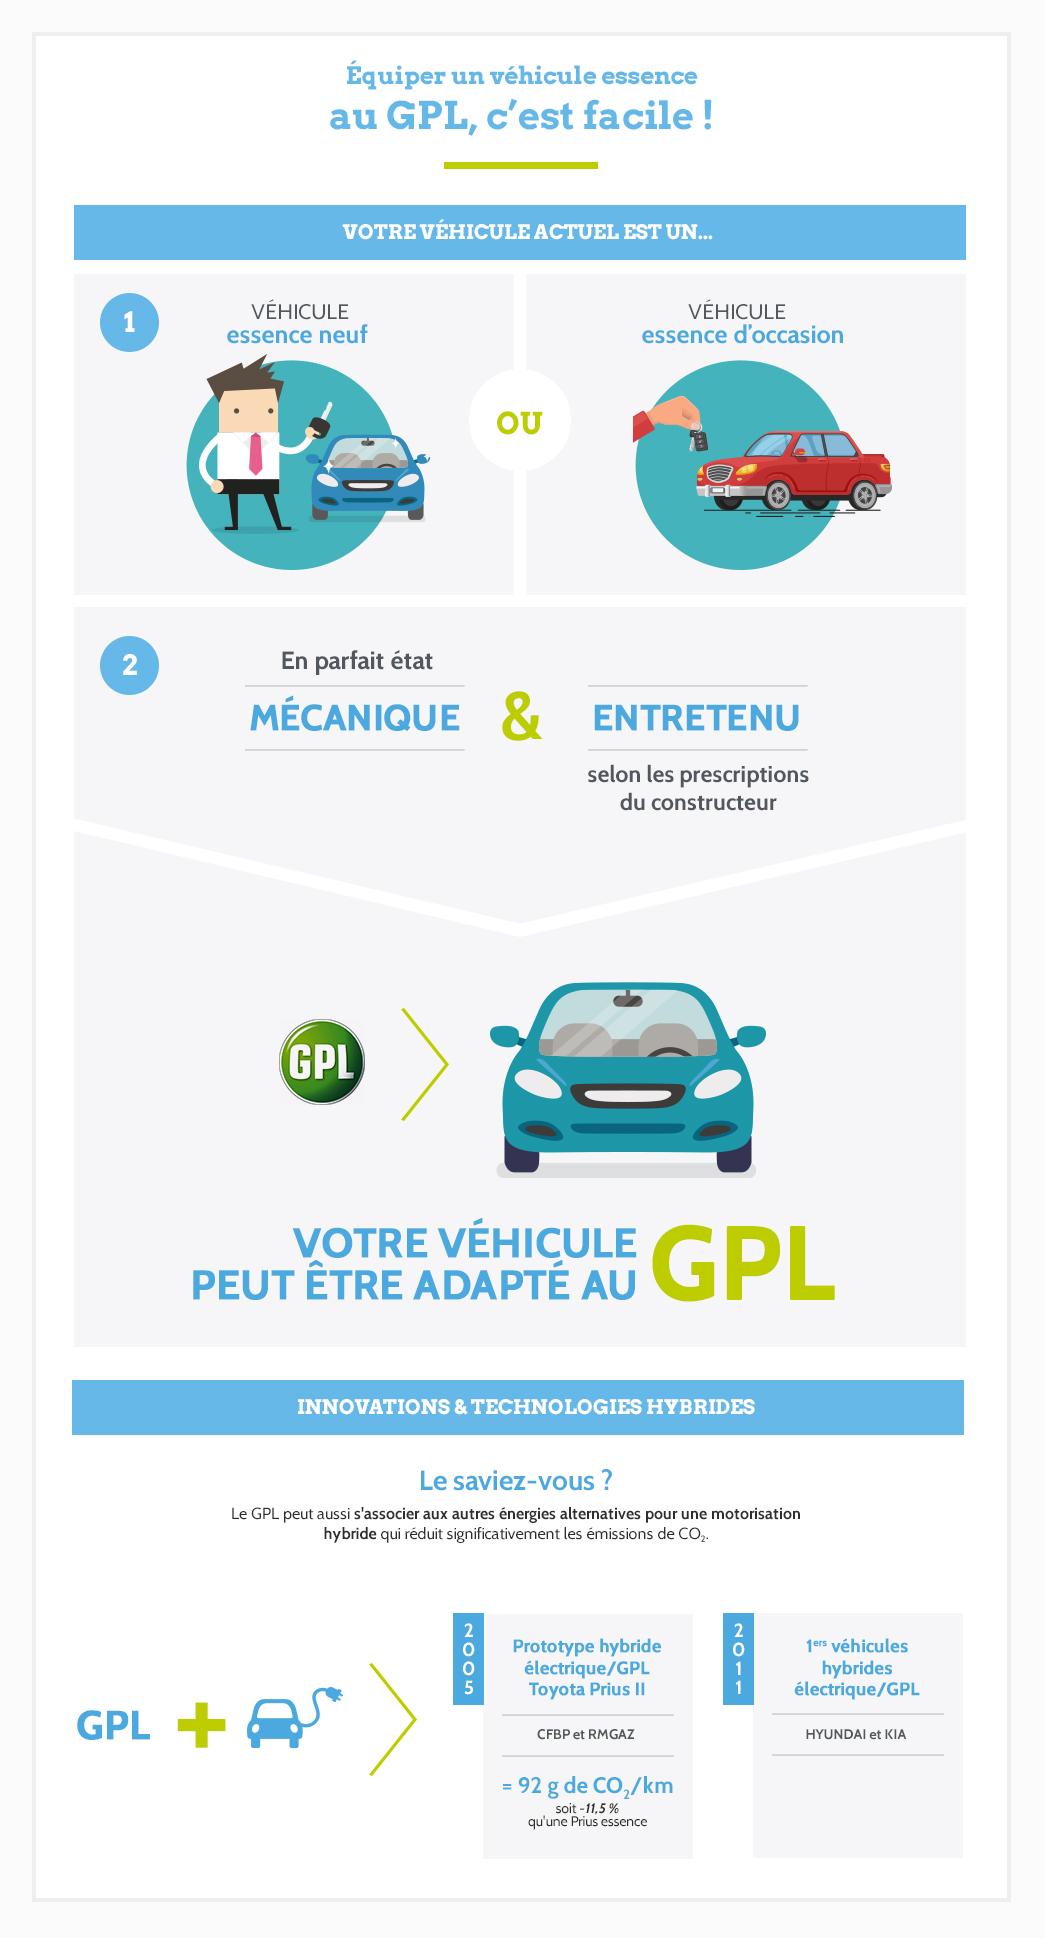 Convertir sa voiture essence quel véhicule équiper au GPL ?